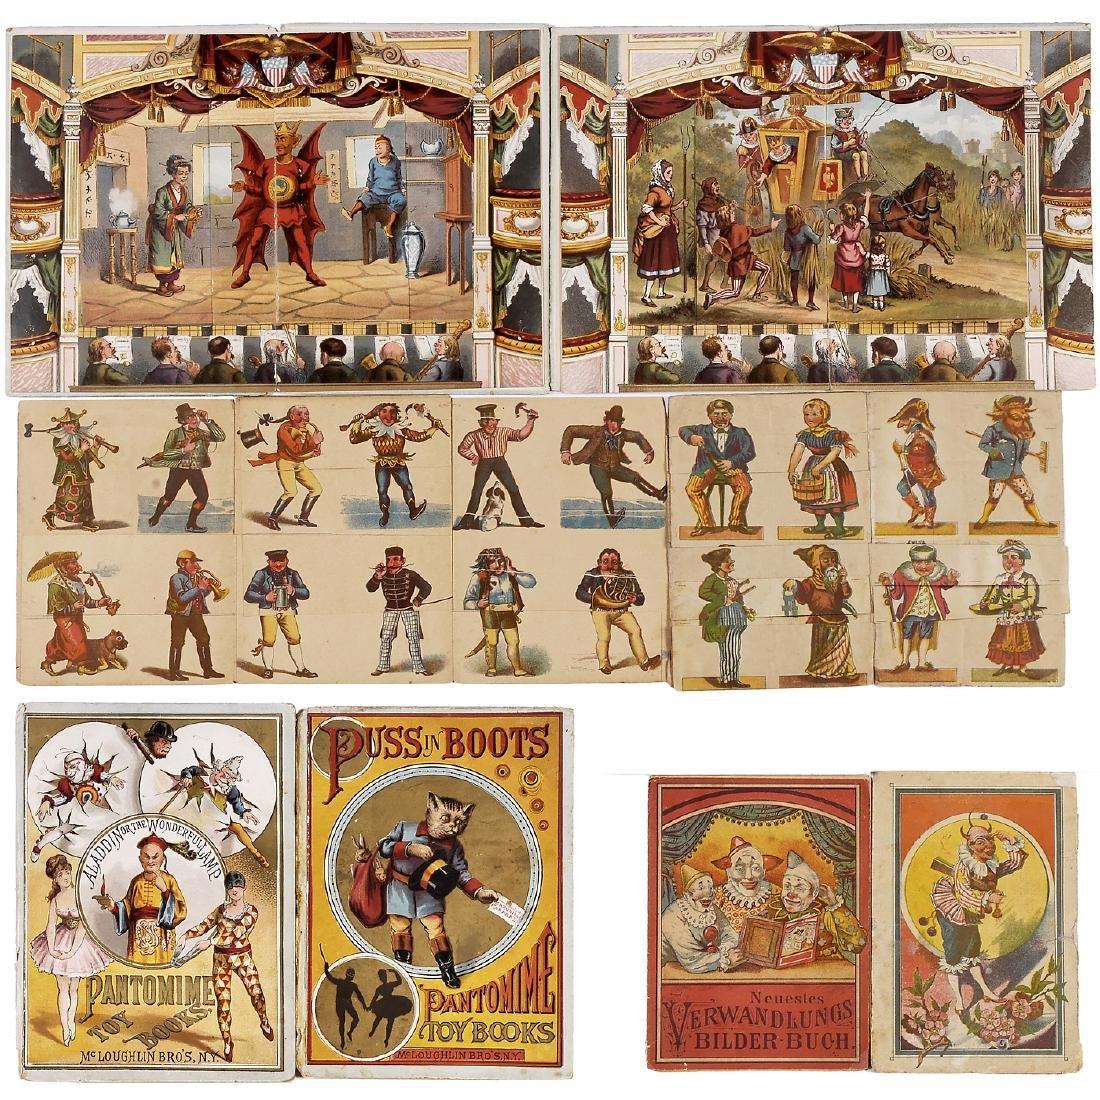 4 Metamorphic Panorama Books for Children, 1880-90